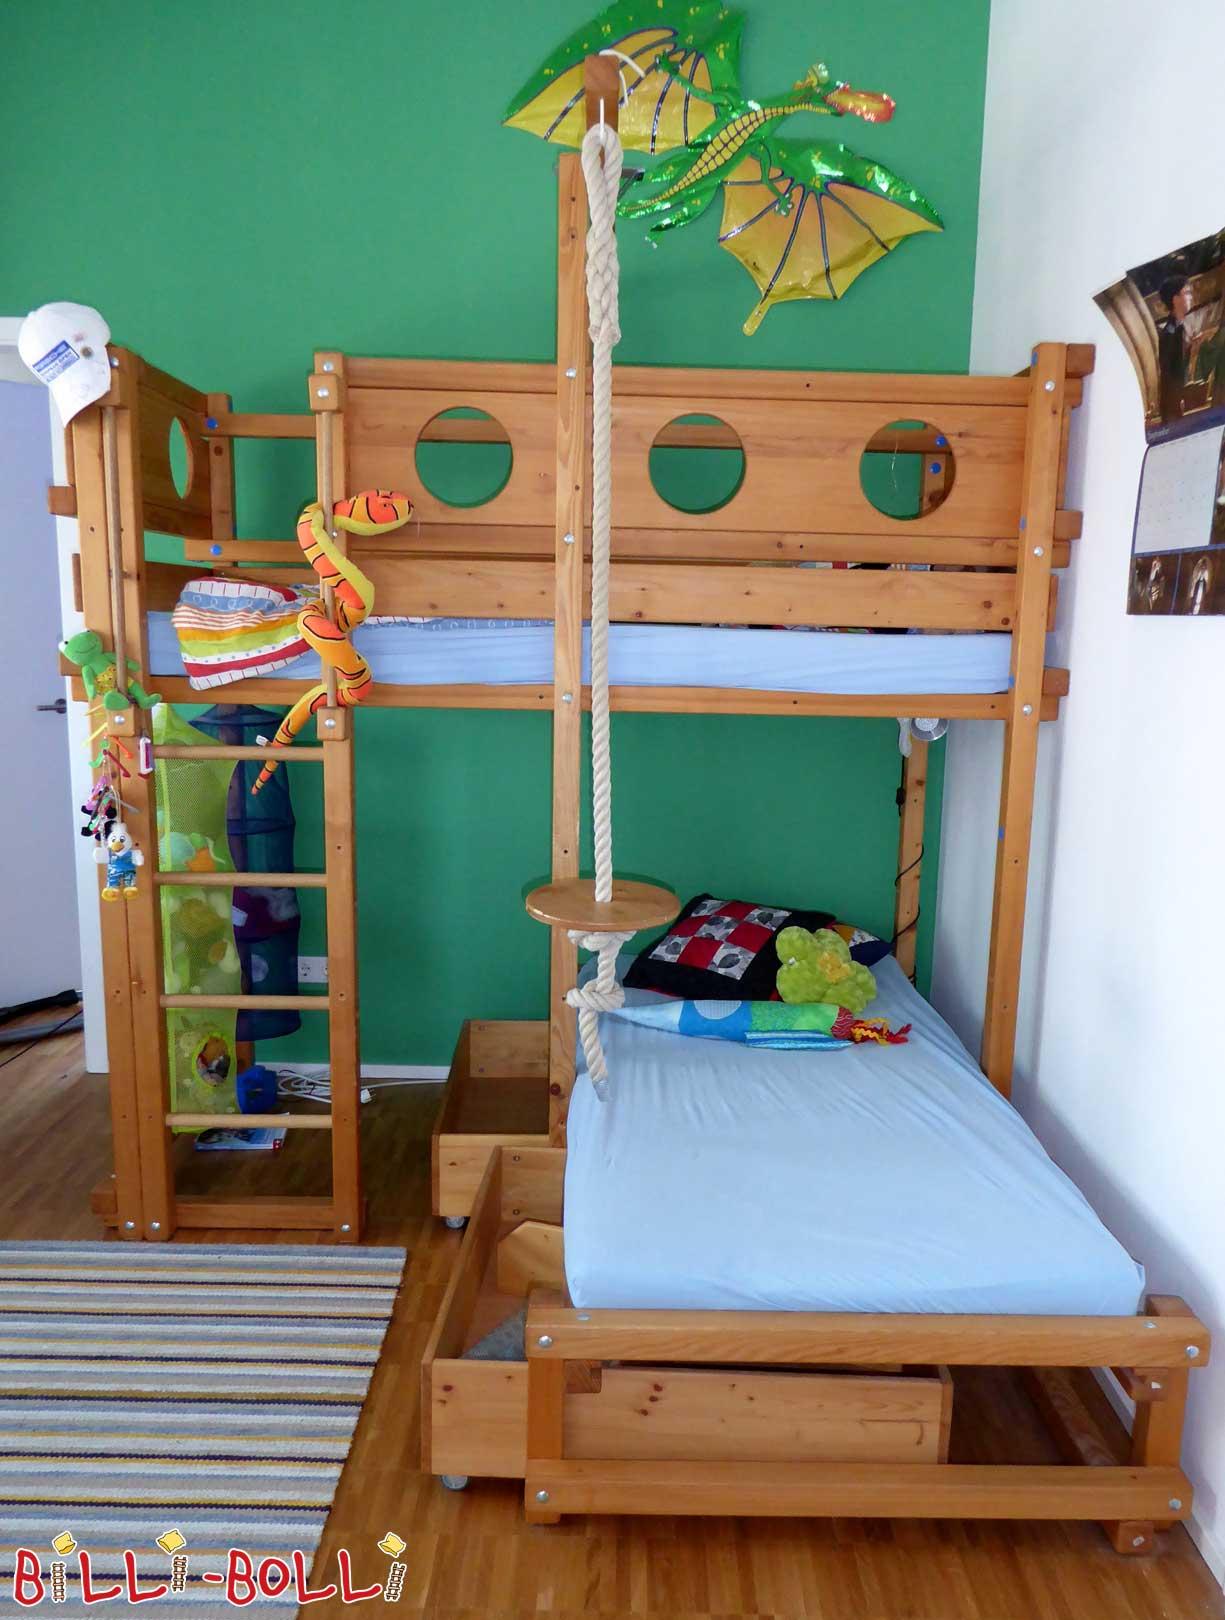 secondhand seite 56 billi bolli kinderm bel. Black Bedroom Furniture Sets. Home Design Ideas